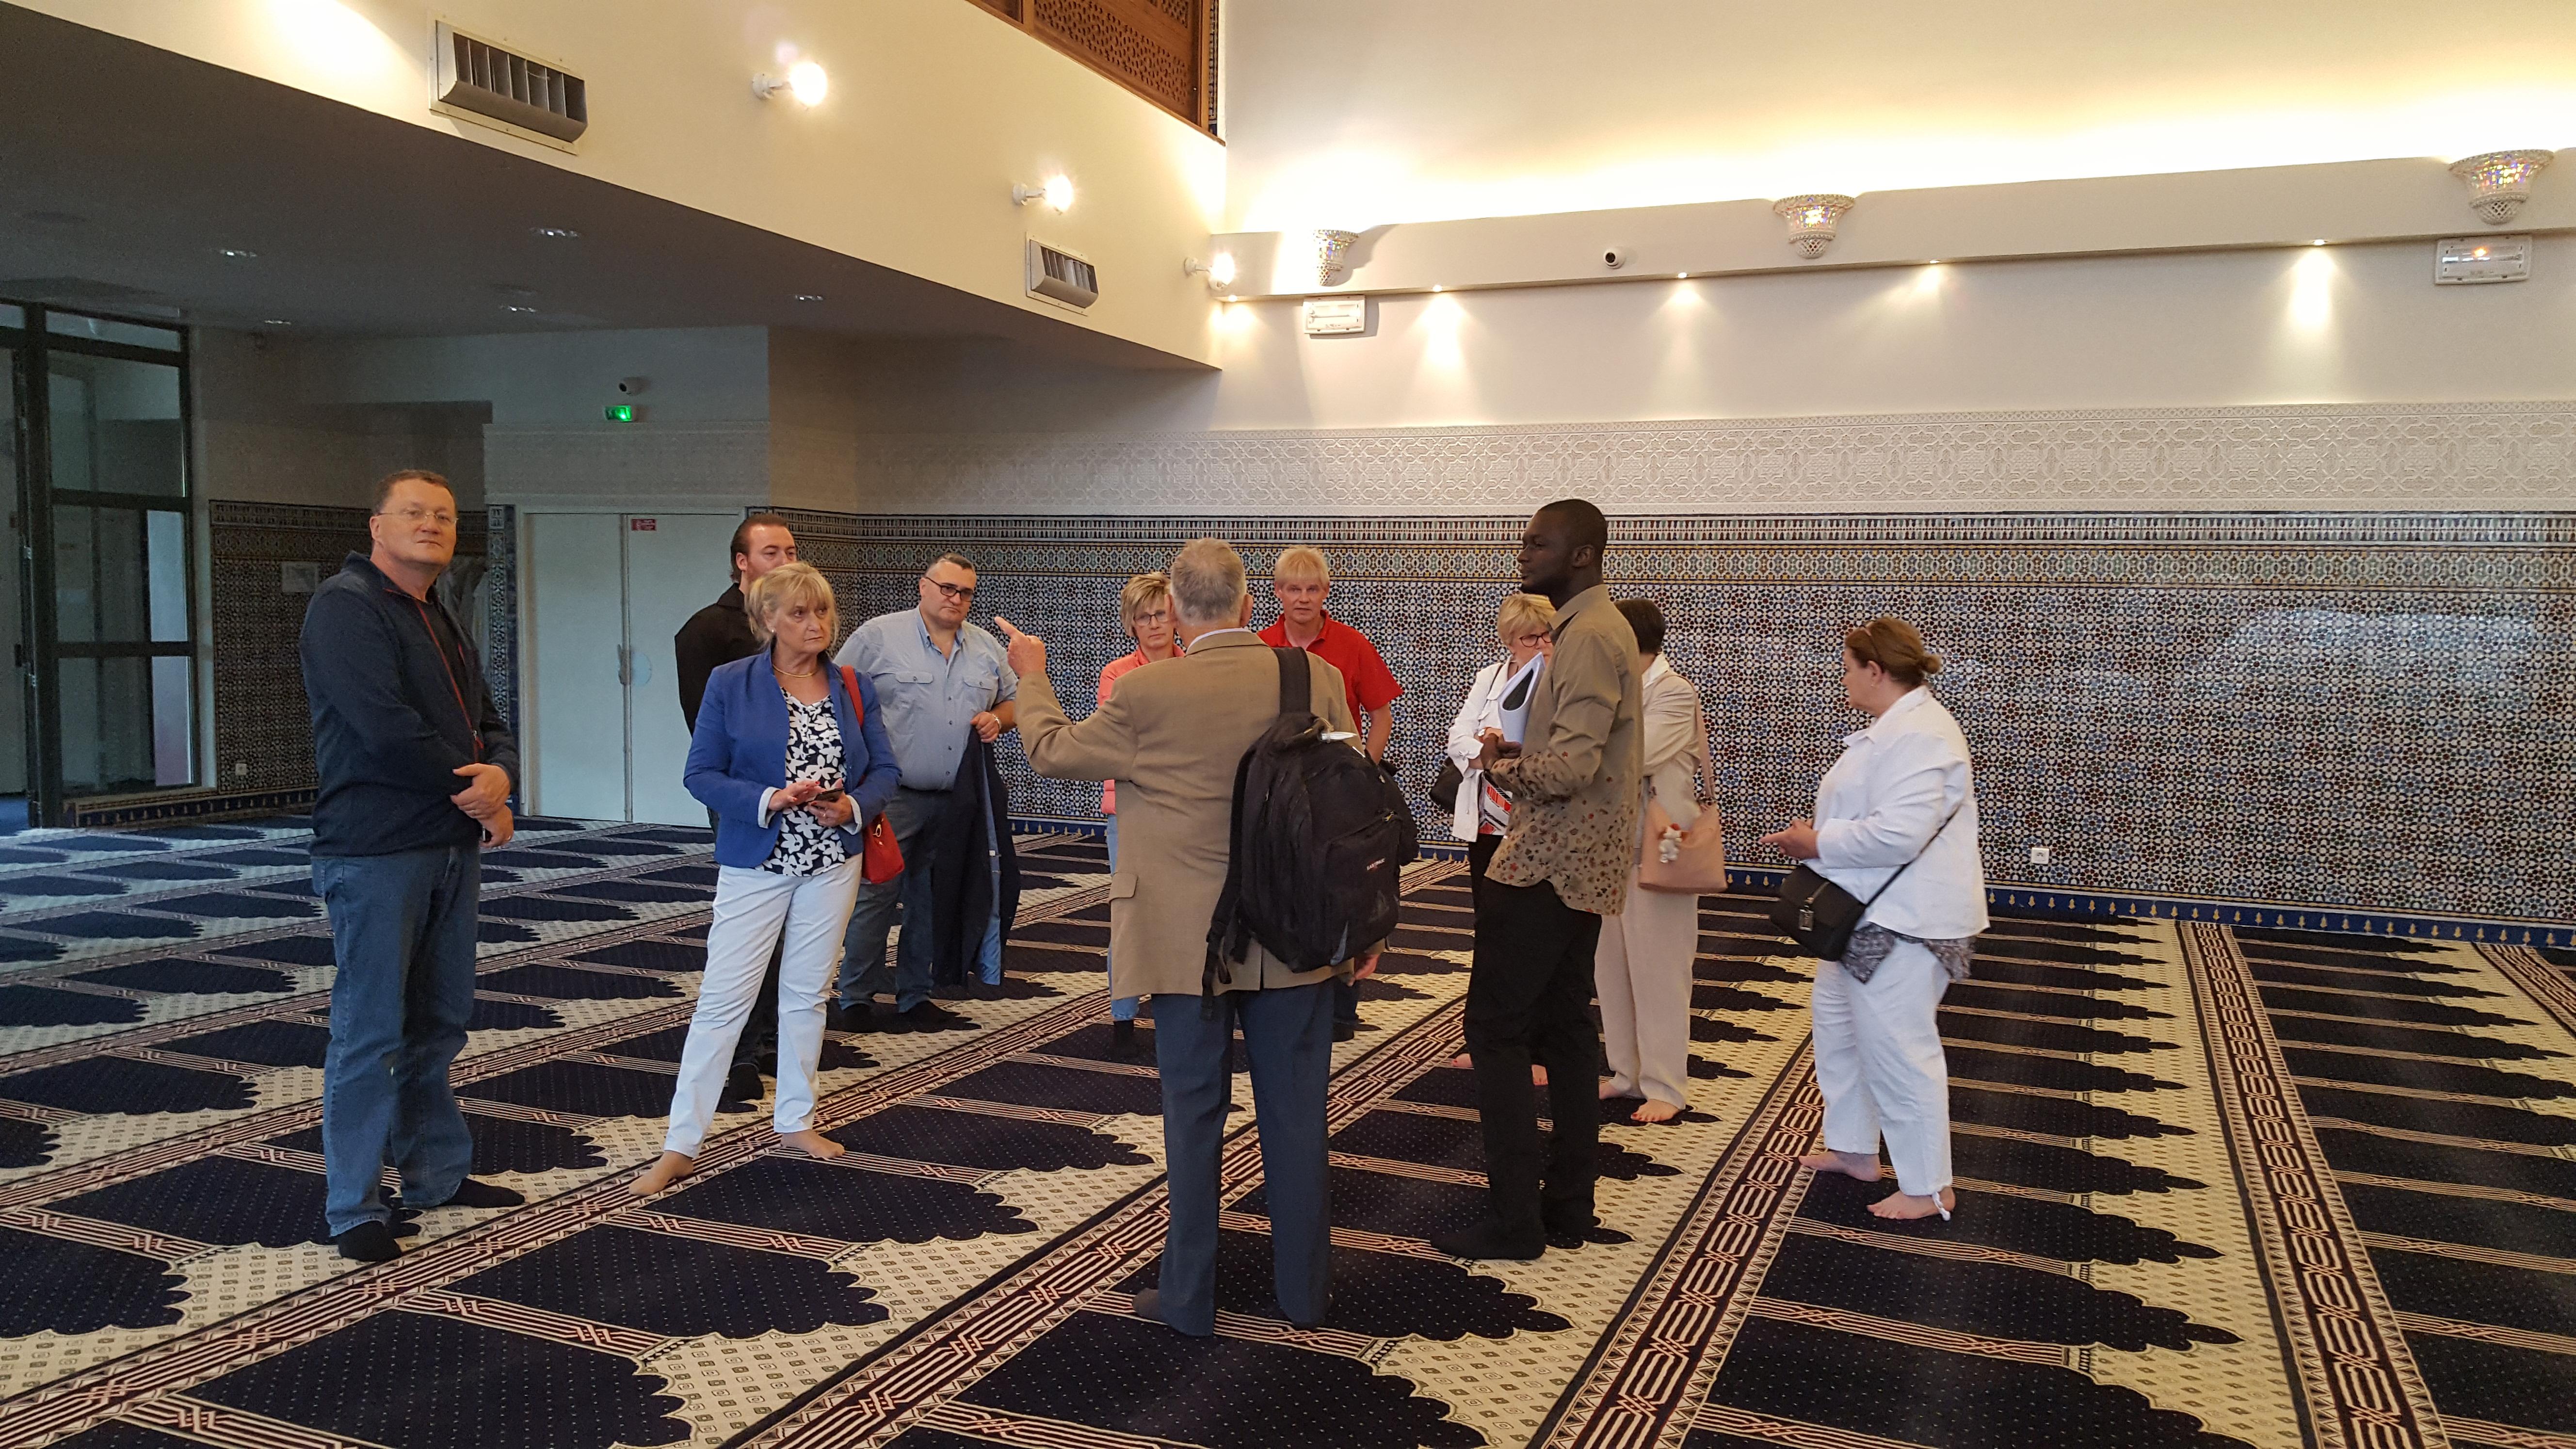 visite de la mosquée de Créteil